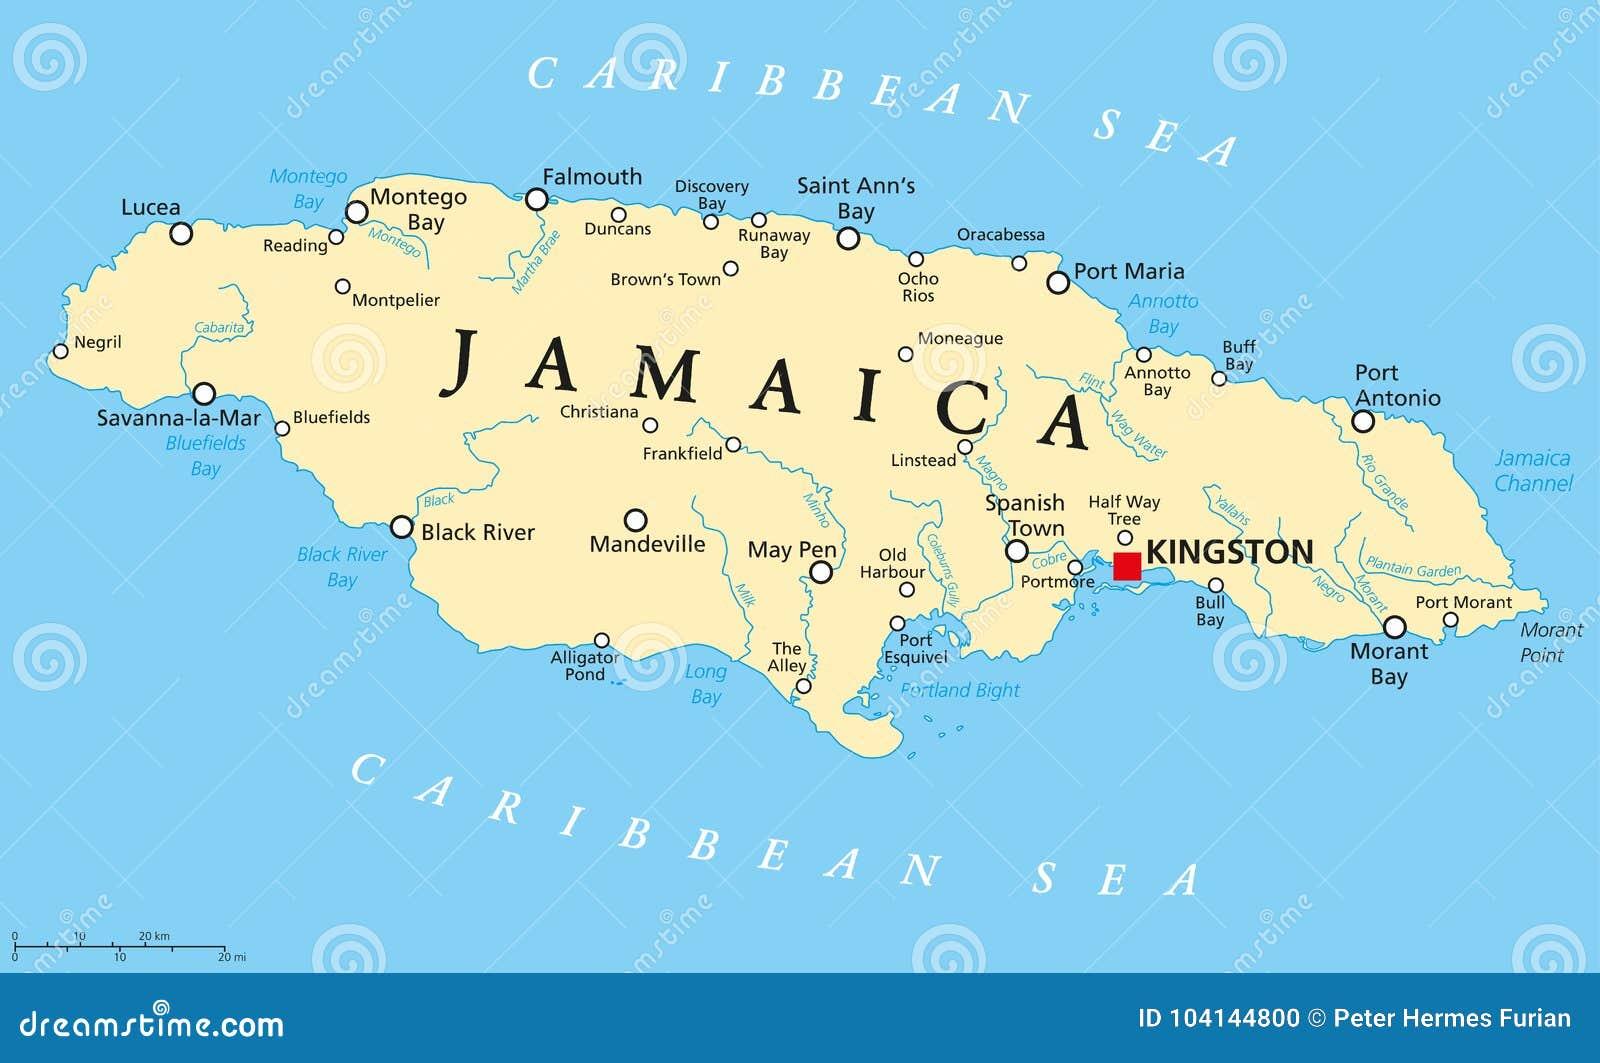 Cartina Politica Dei Caraibi.Mappa Politica Della Giamaica Illustrazione Vettoriale